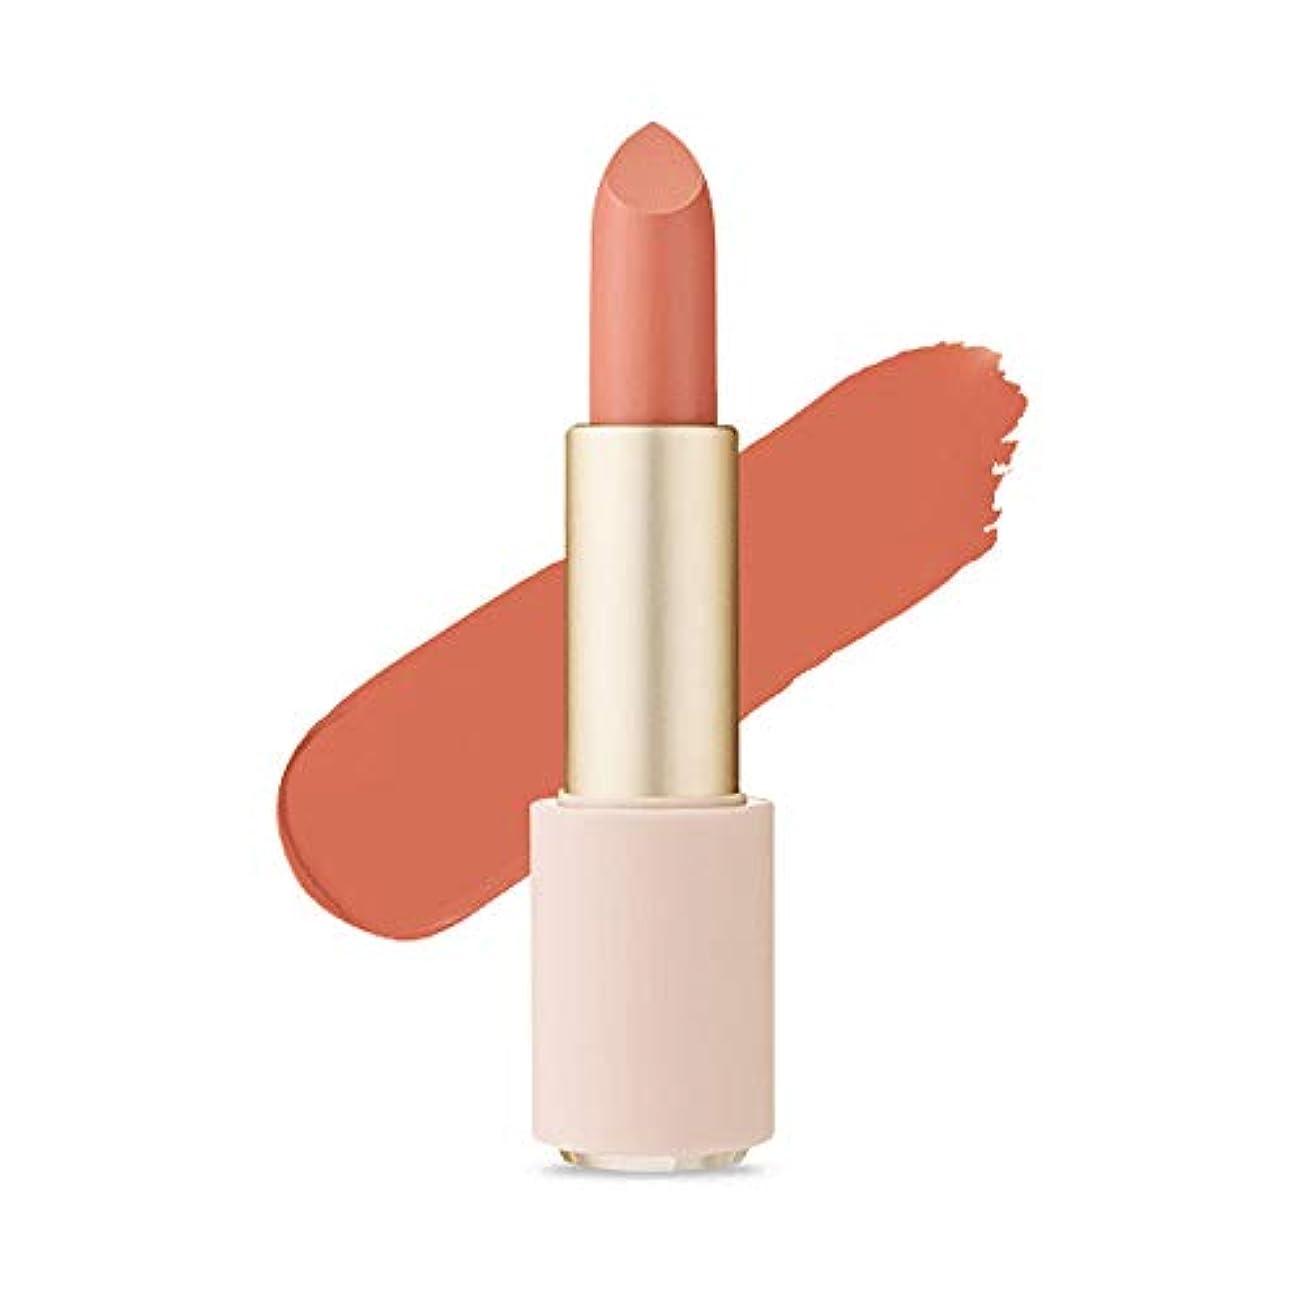 薄いですスピンいたずらなEtude House Better Lips Talk Velvet エチュードハウス ベター リップス - トーク ベルベット (# BE103 Kinda Nude) [並行輸入品]